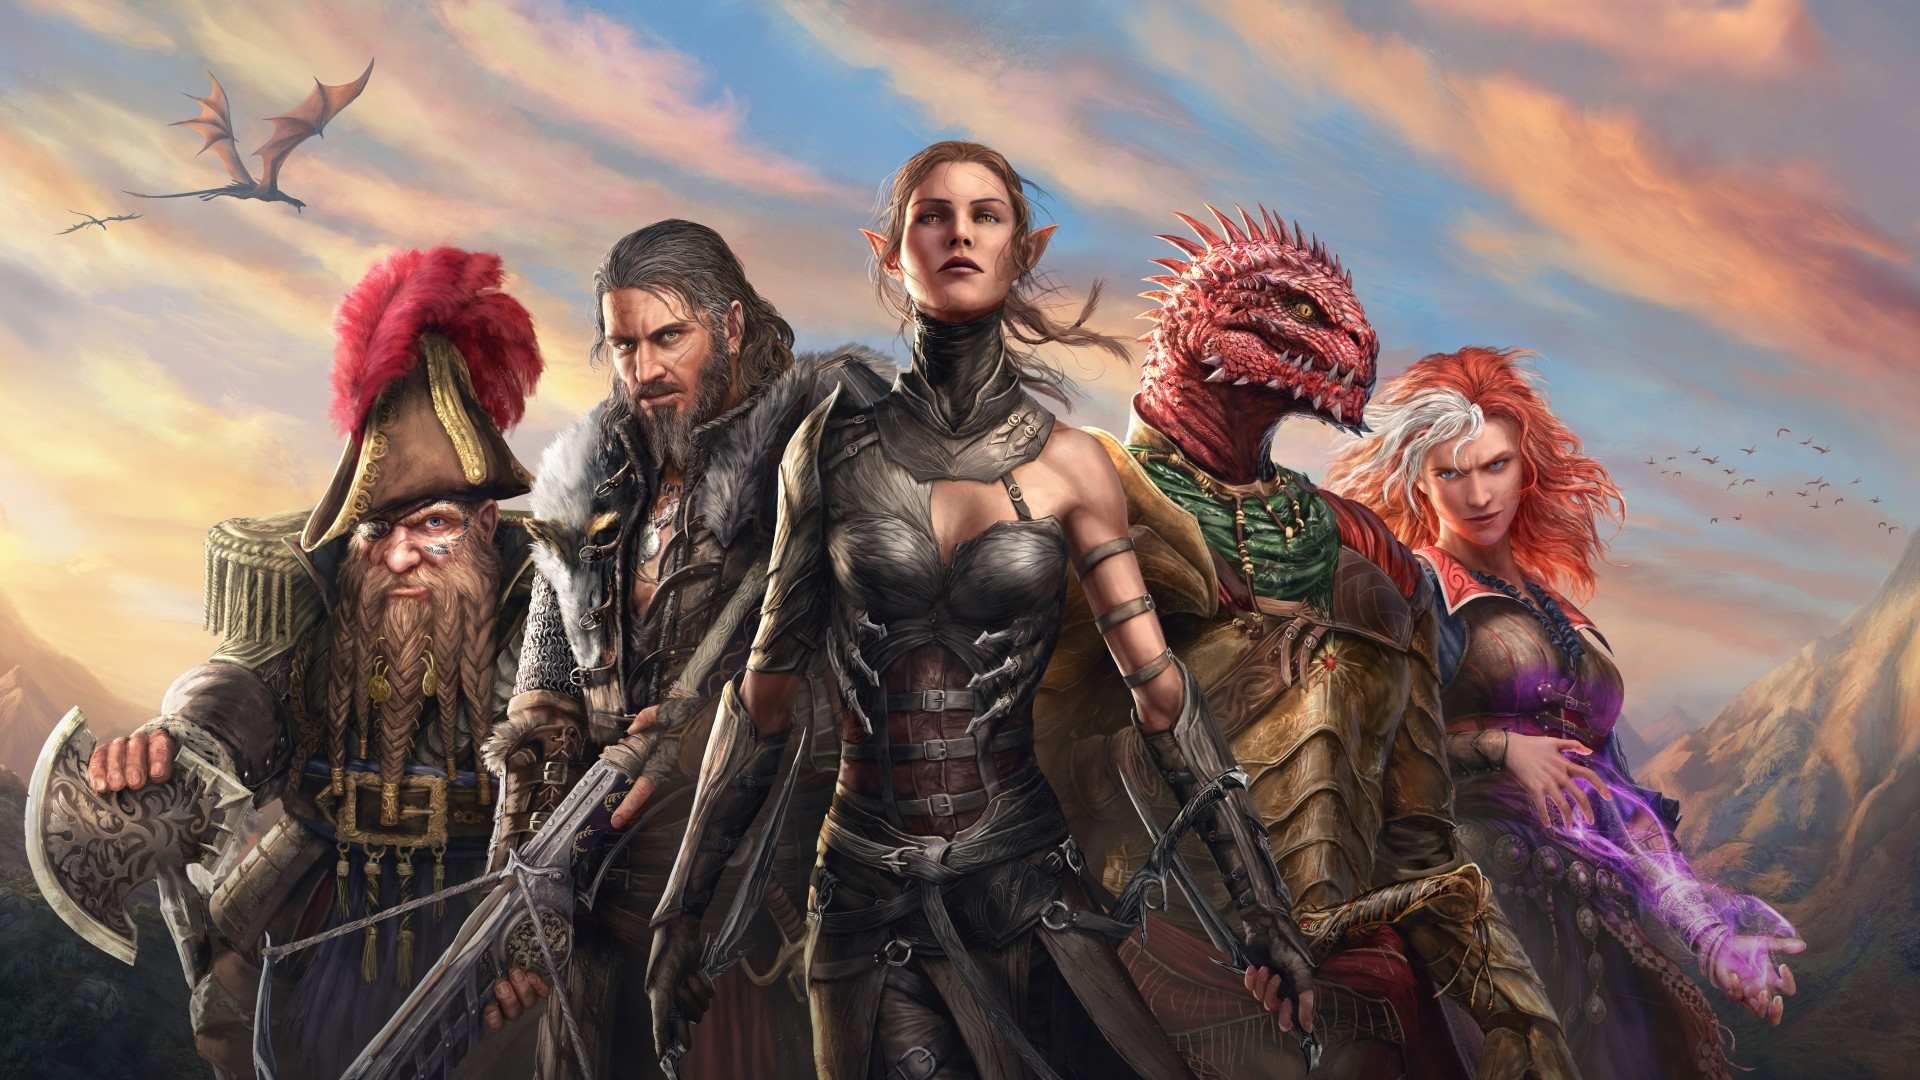 Los 10 mejores videojuegos de rol para Xbox según Metacritic 7